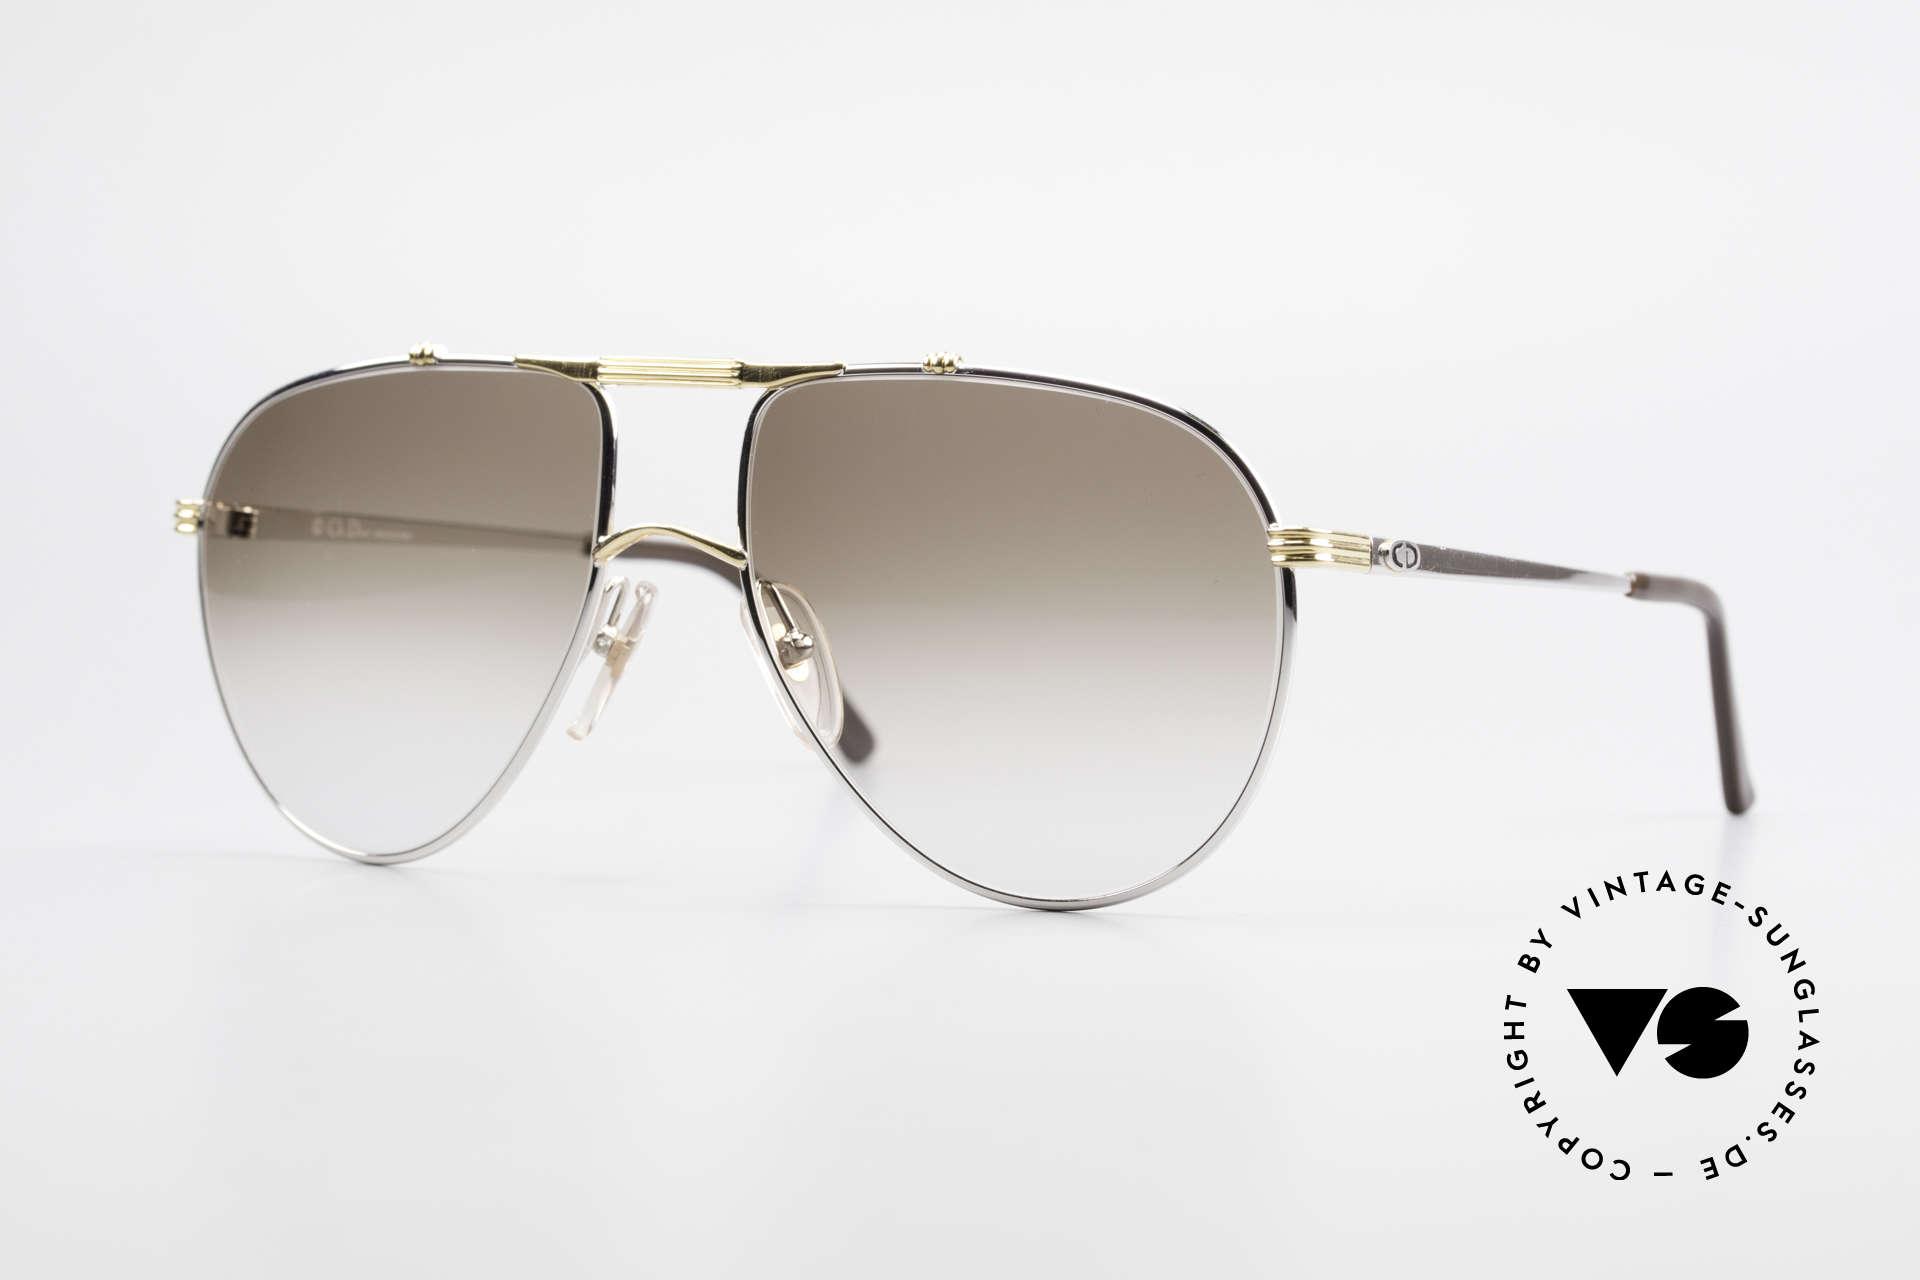 Christian Dior 2248 Large 80er Aviator Sonnenbrille, Christian Dior Sonnenbrille aus der Monsieur-Serie, Passend für Herren